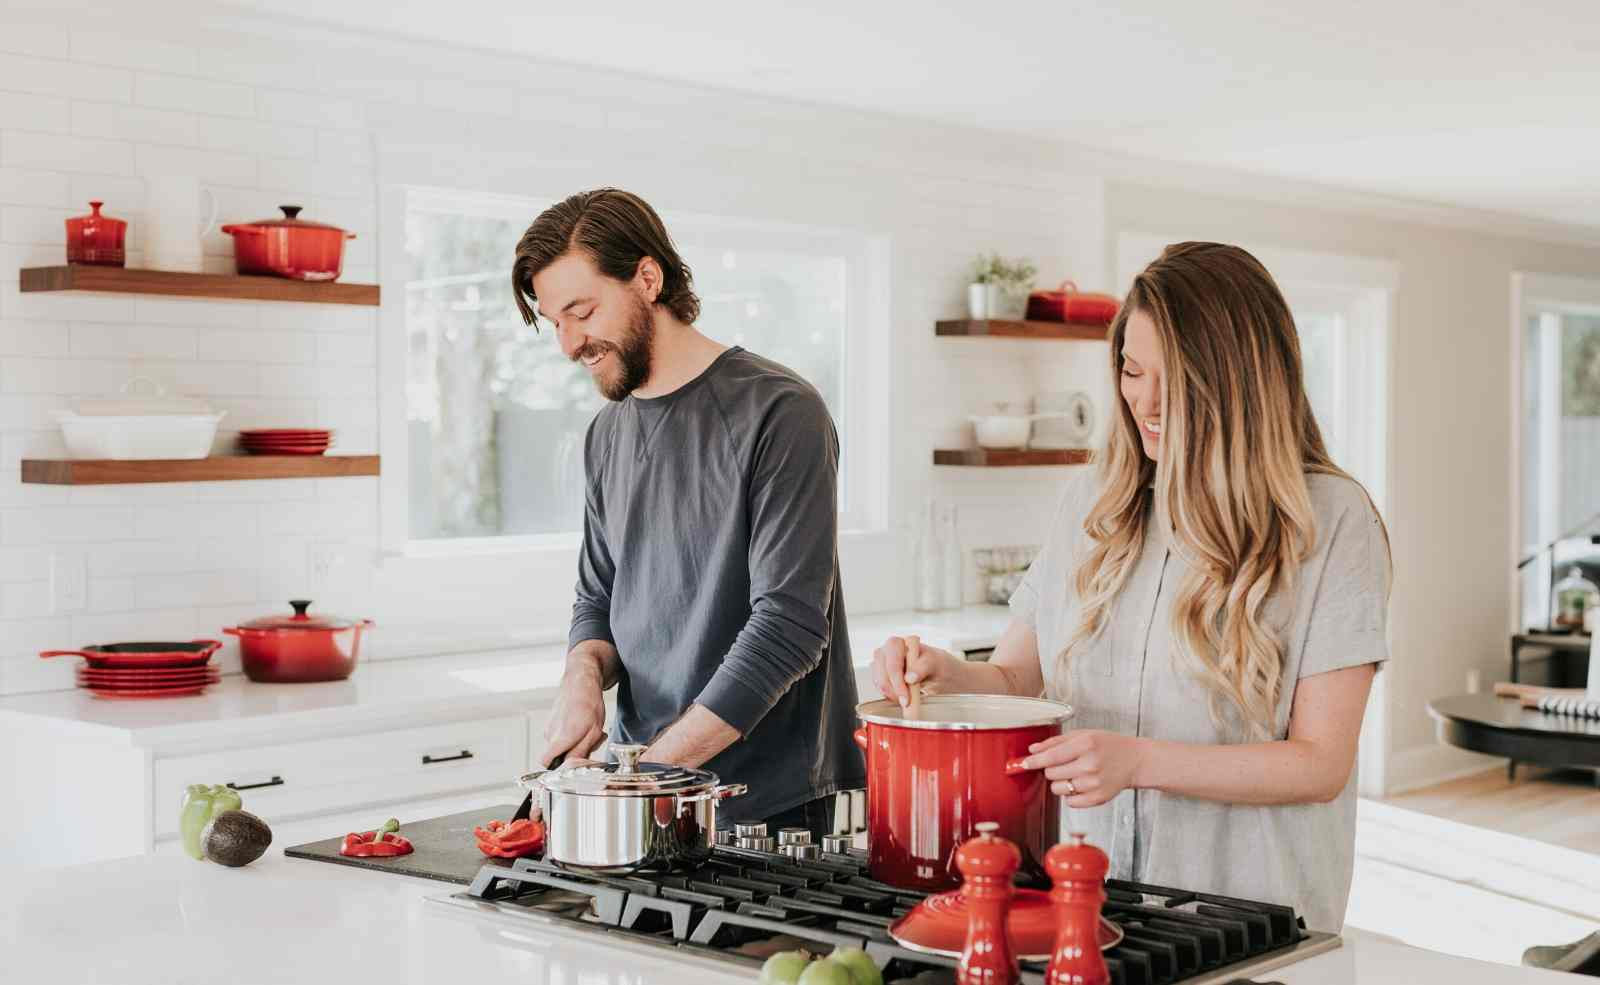 Arbeitsdreieck: Ergonomie in der Küche